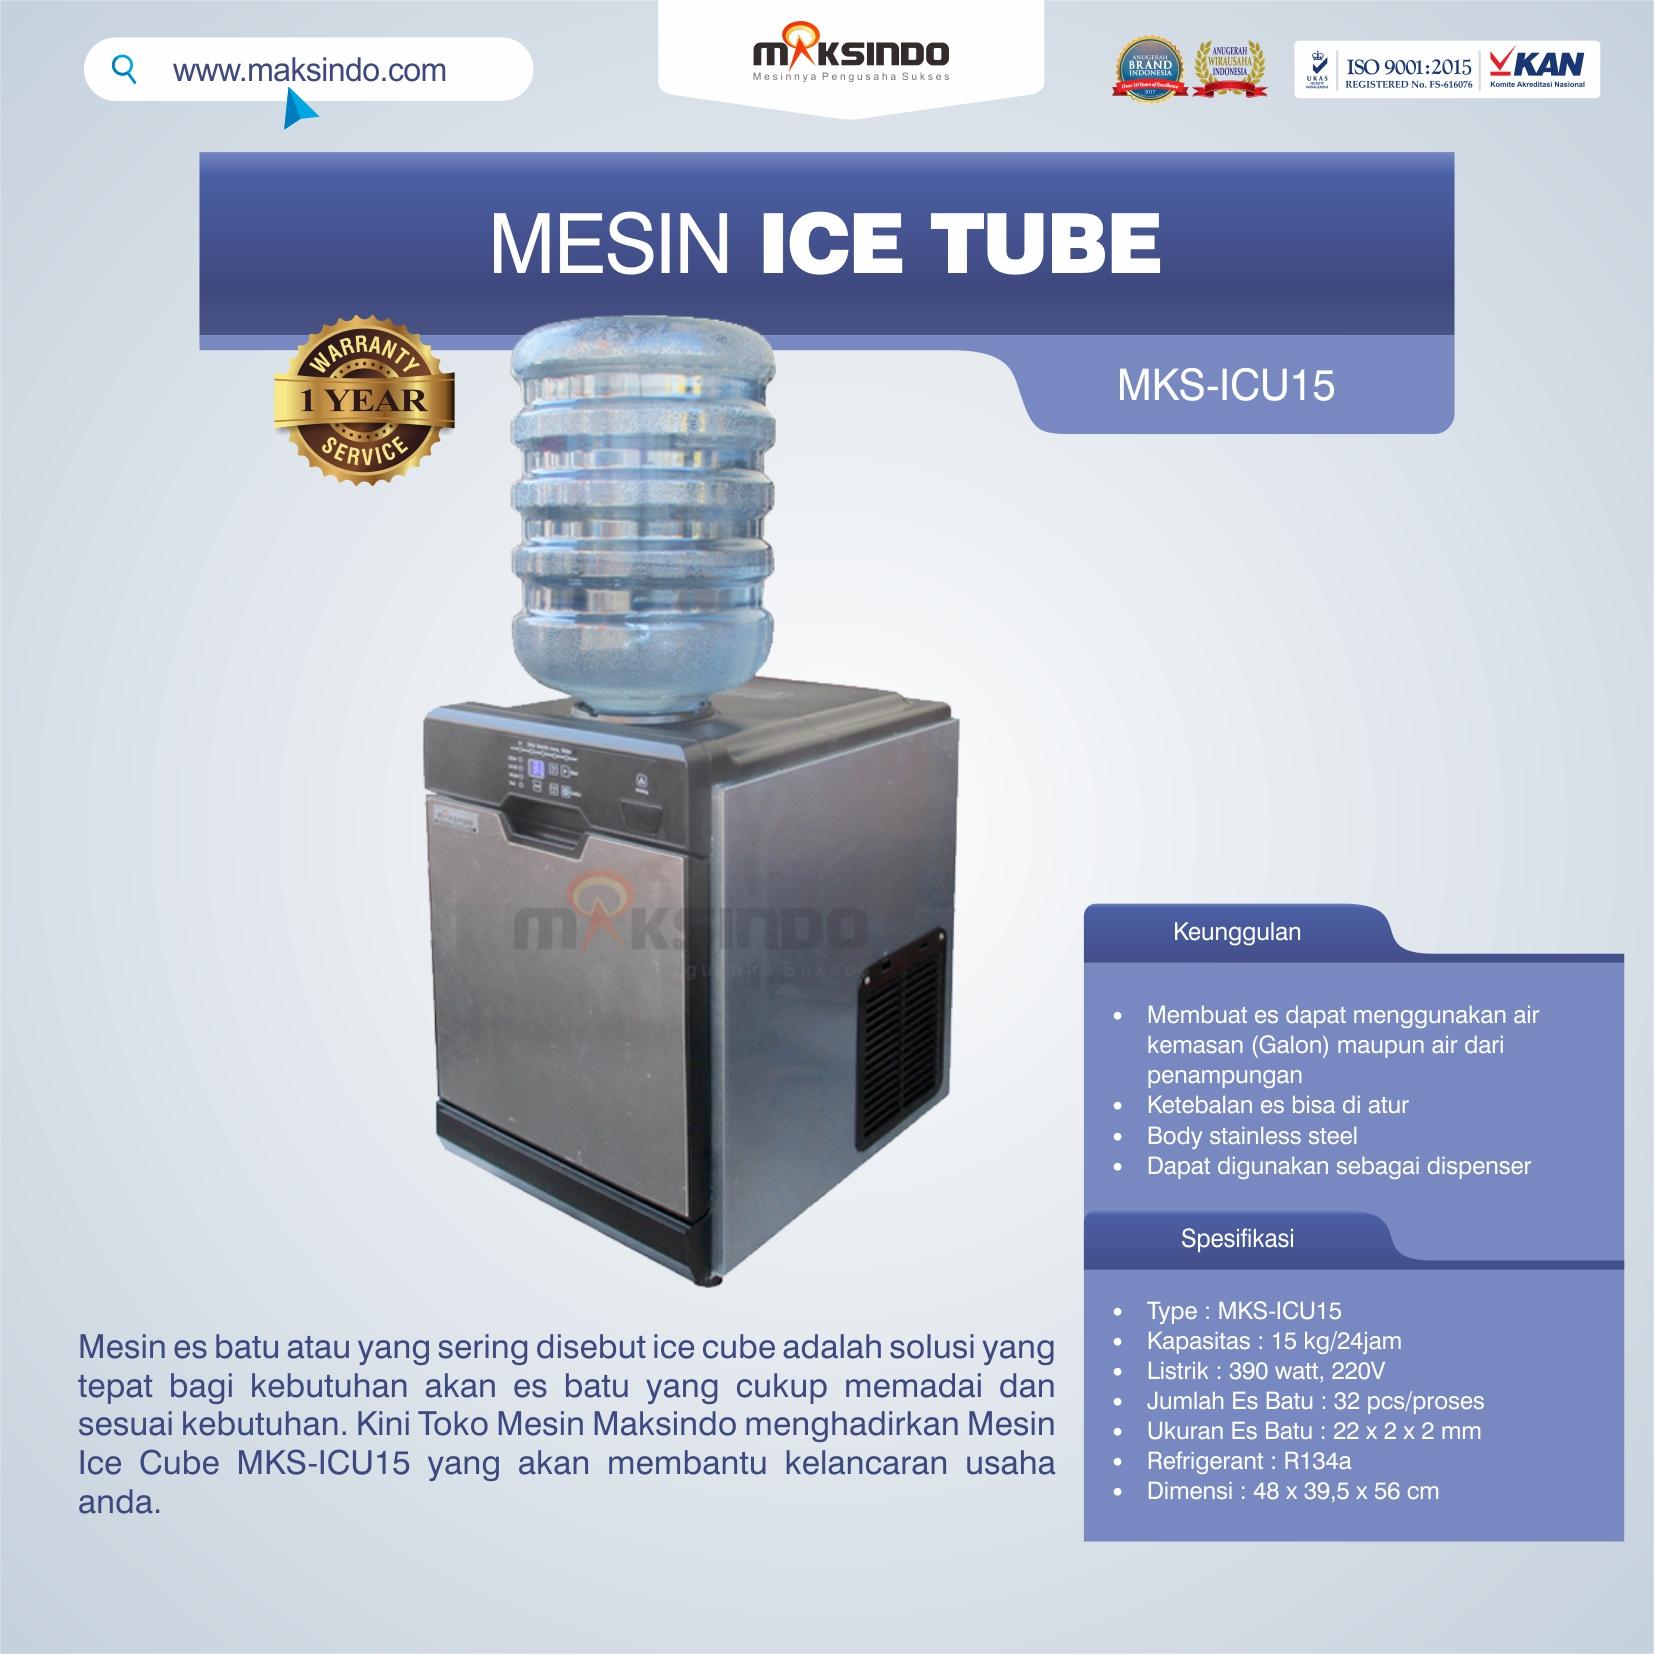 Jual Mesin Ice Cube MKS-ICU15 di Pekanbaru